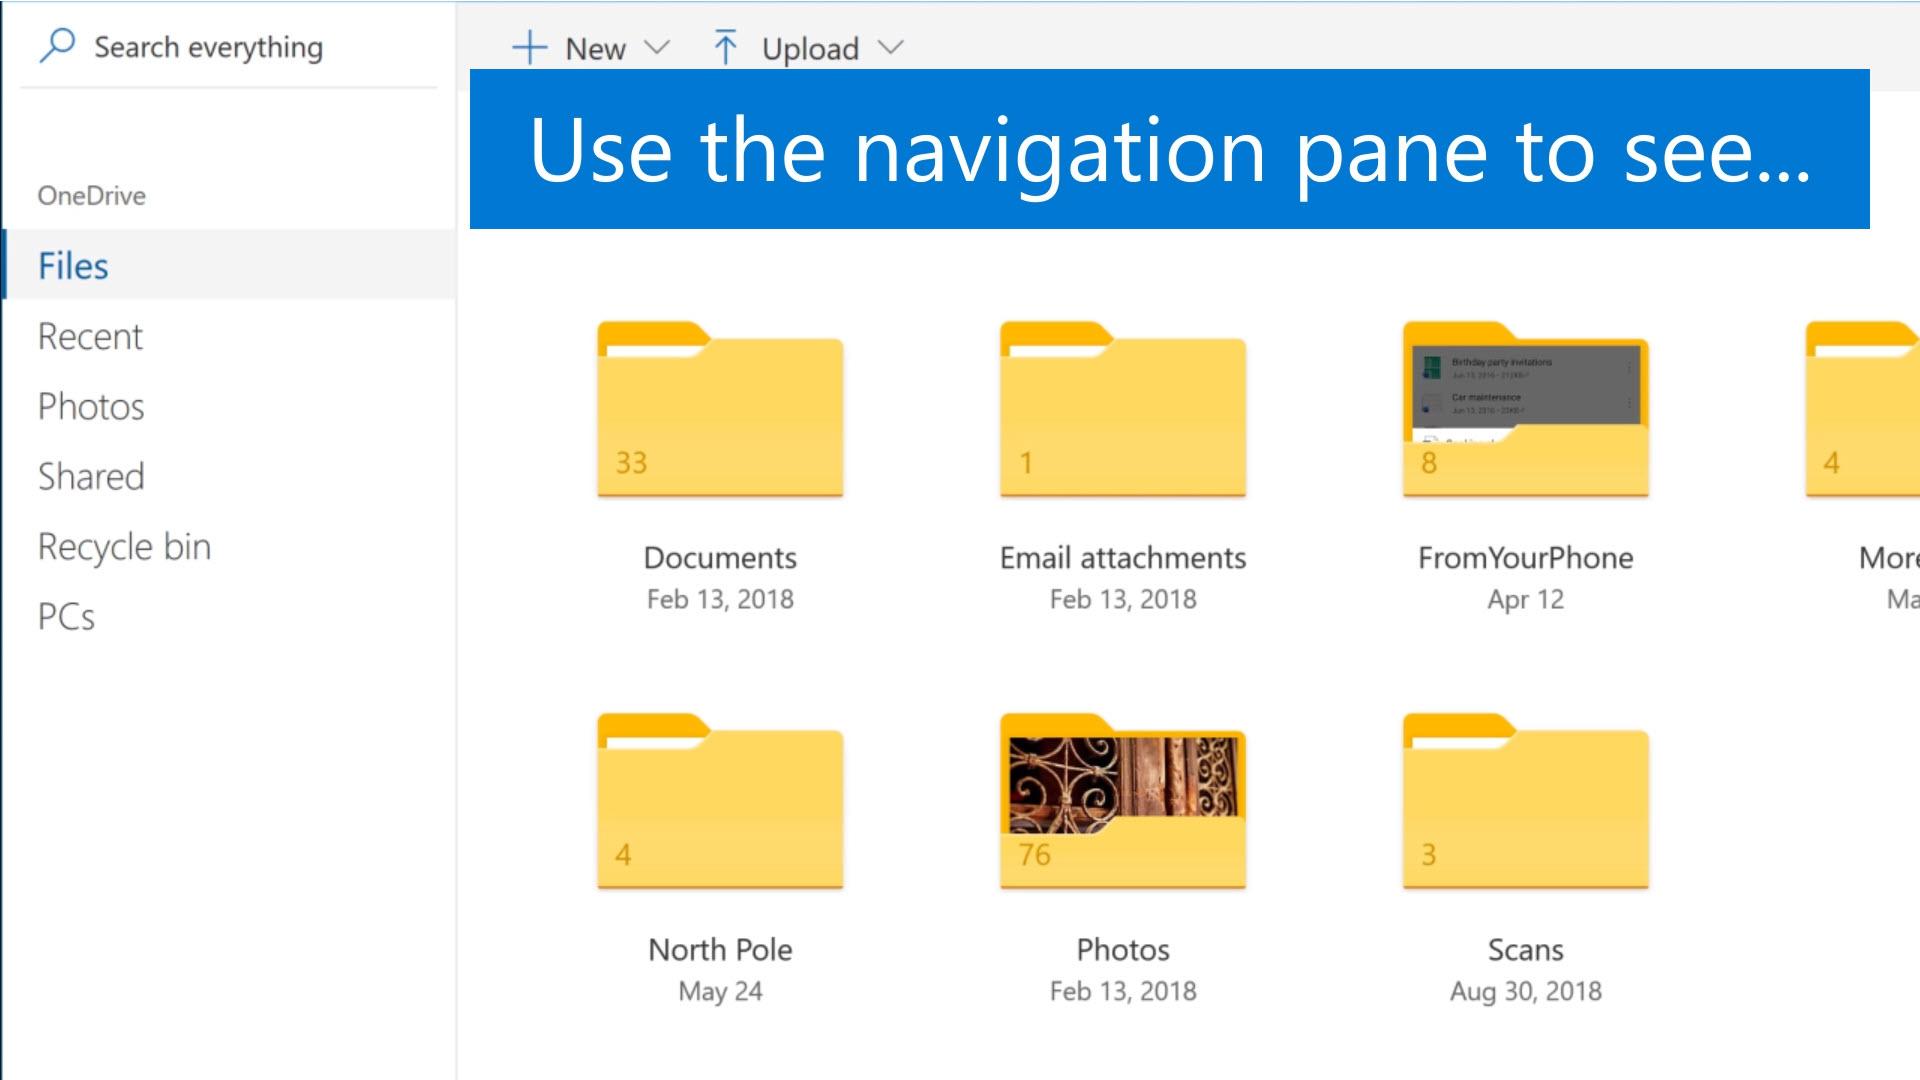 OneDrive Basics Home for SOC